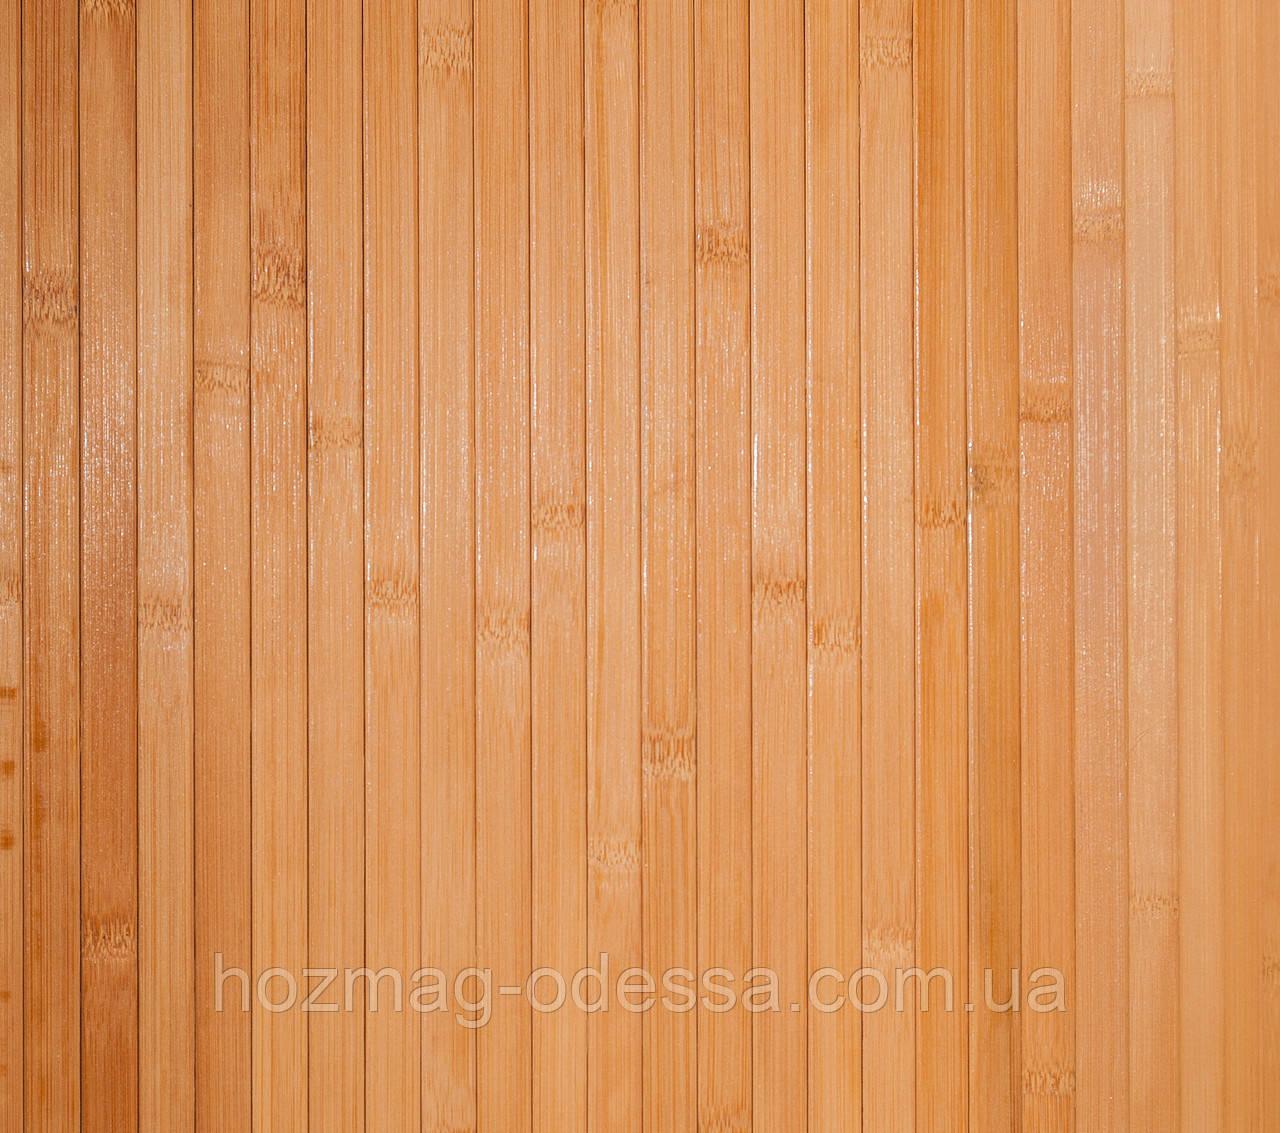 Бамбуковые обои темные 12 мм, ширина 150см.